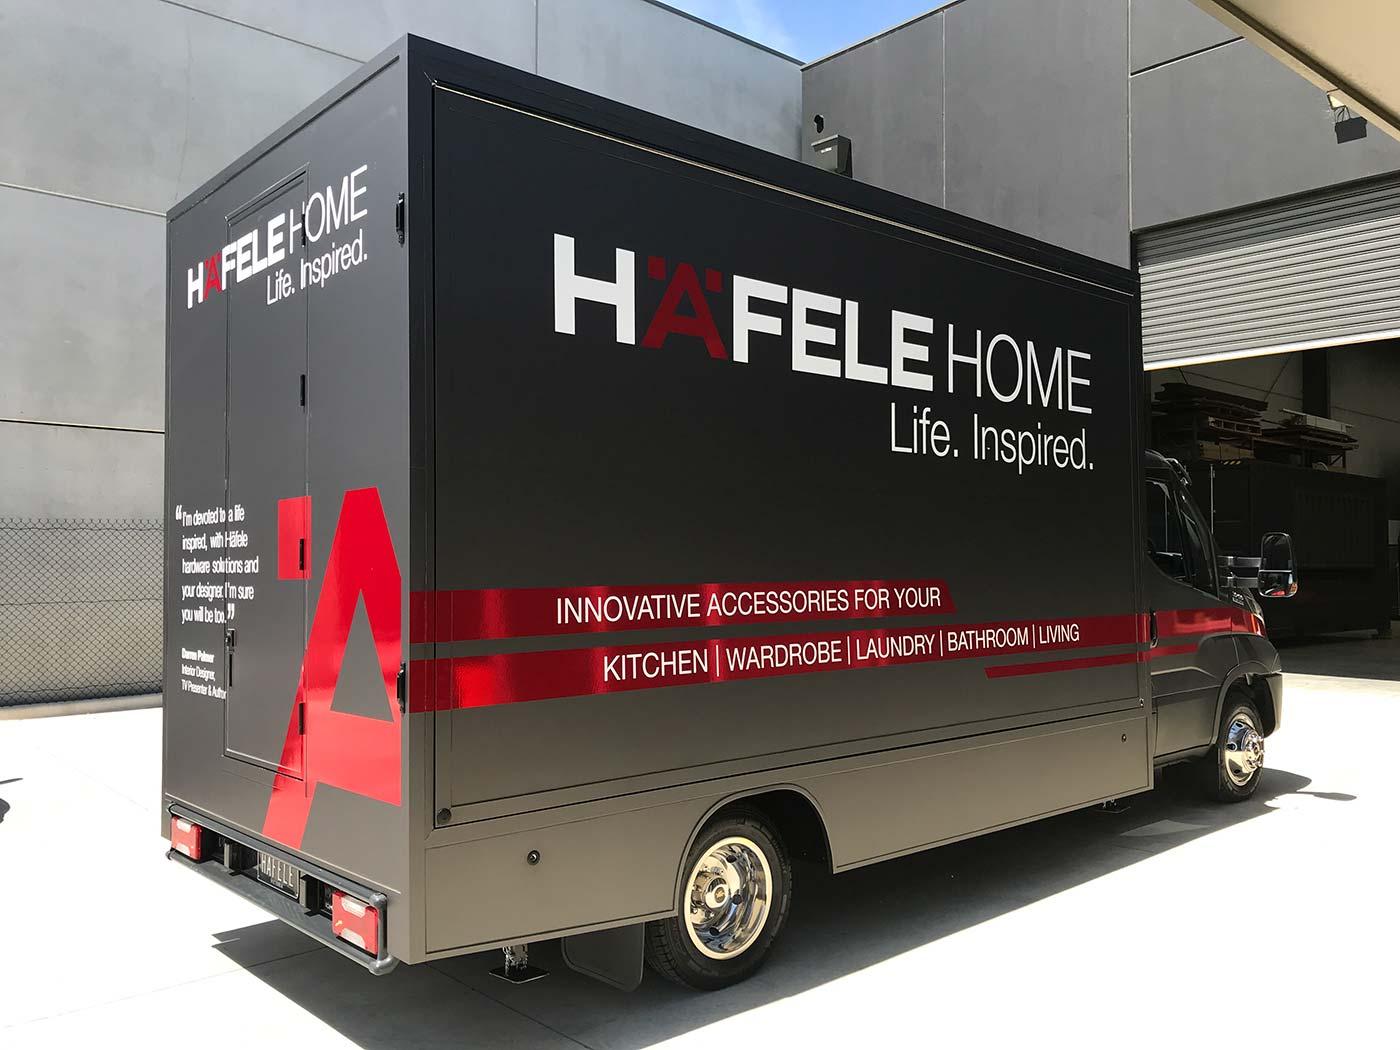 Hafele--Mobile-Vehicle-Showroom-8